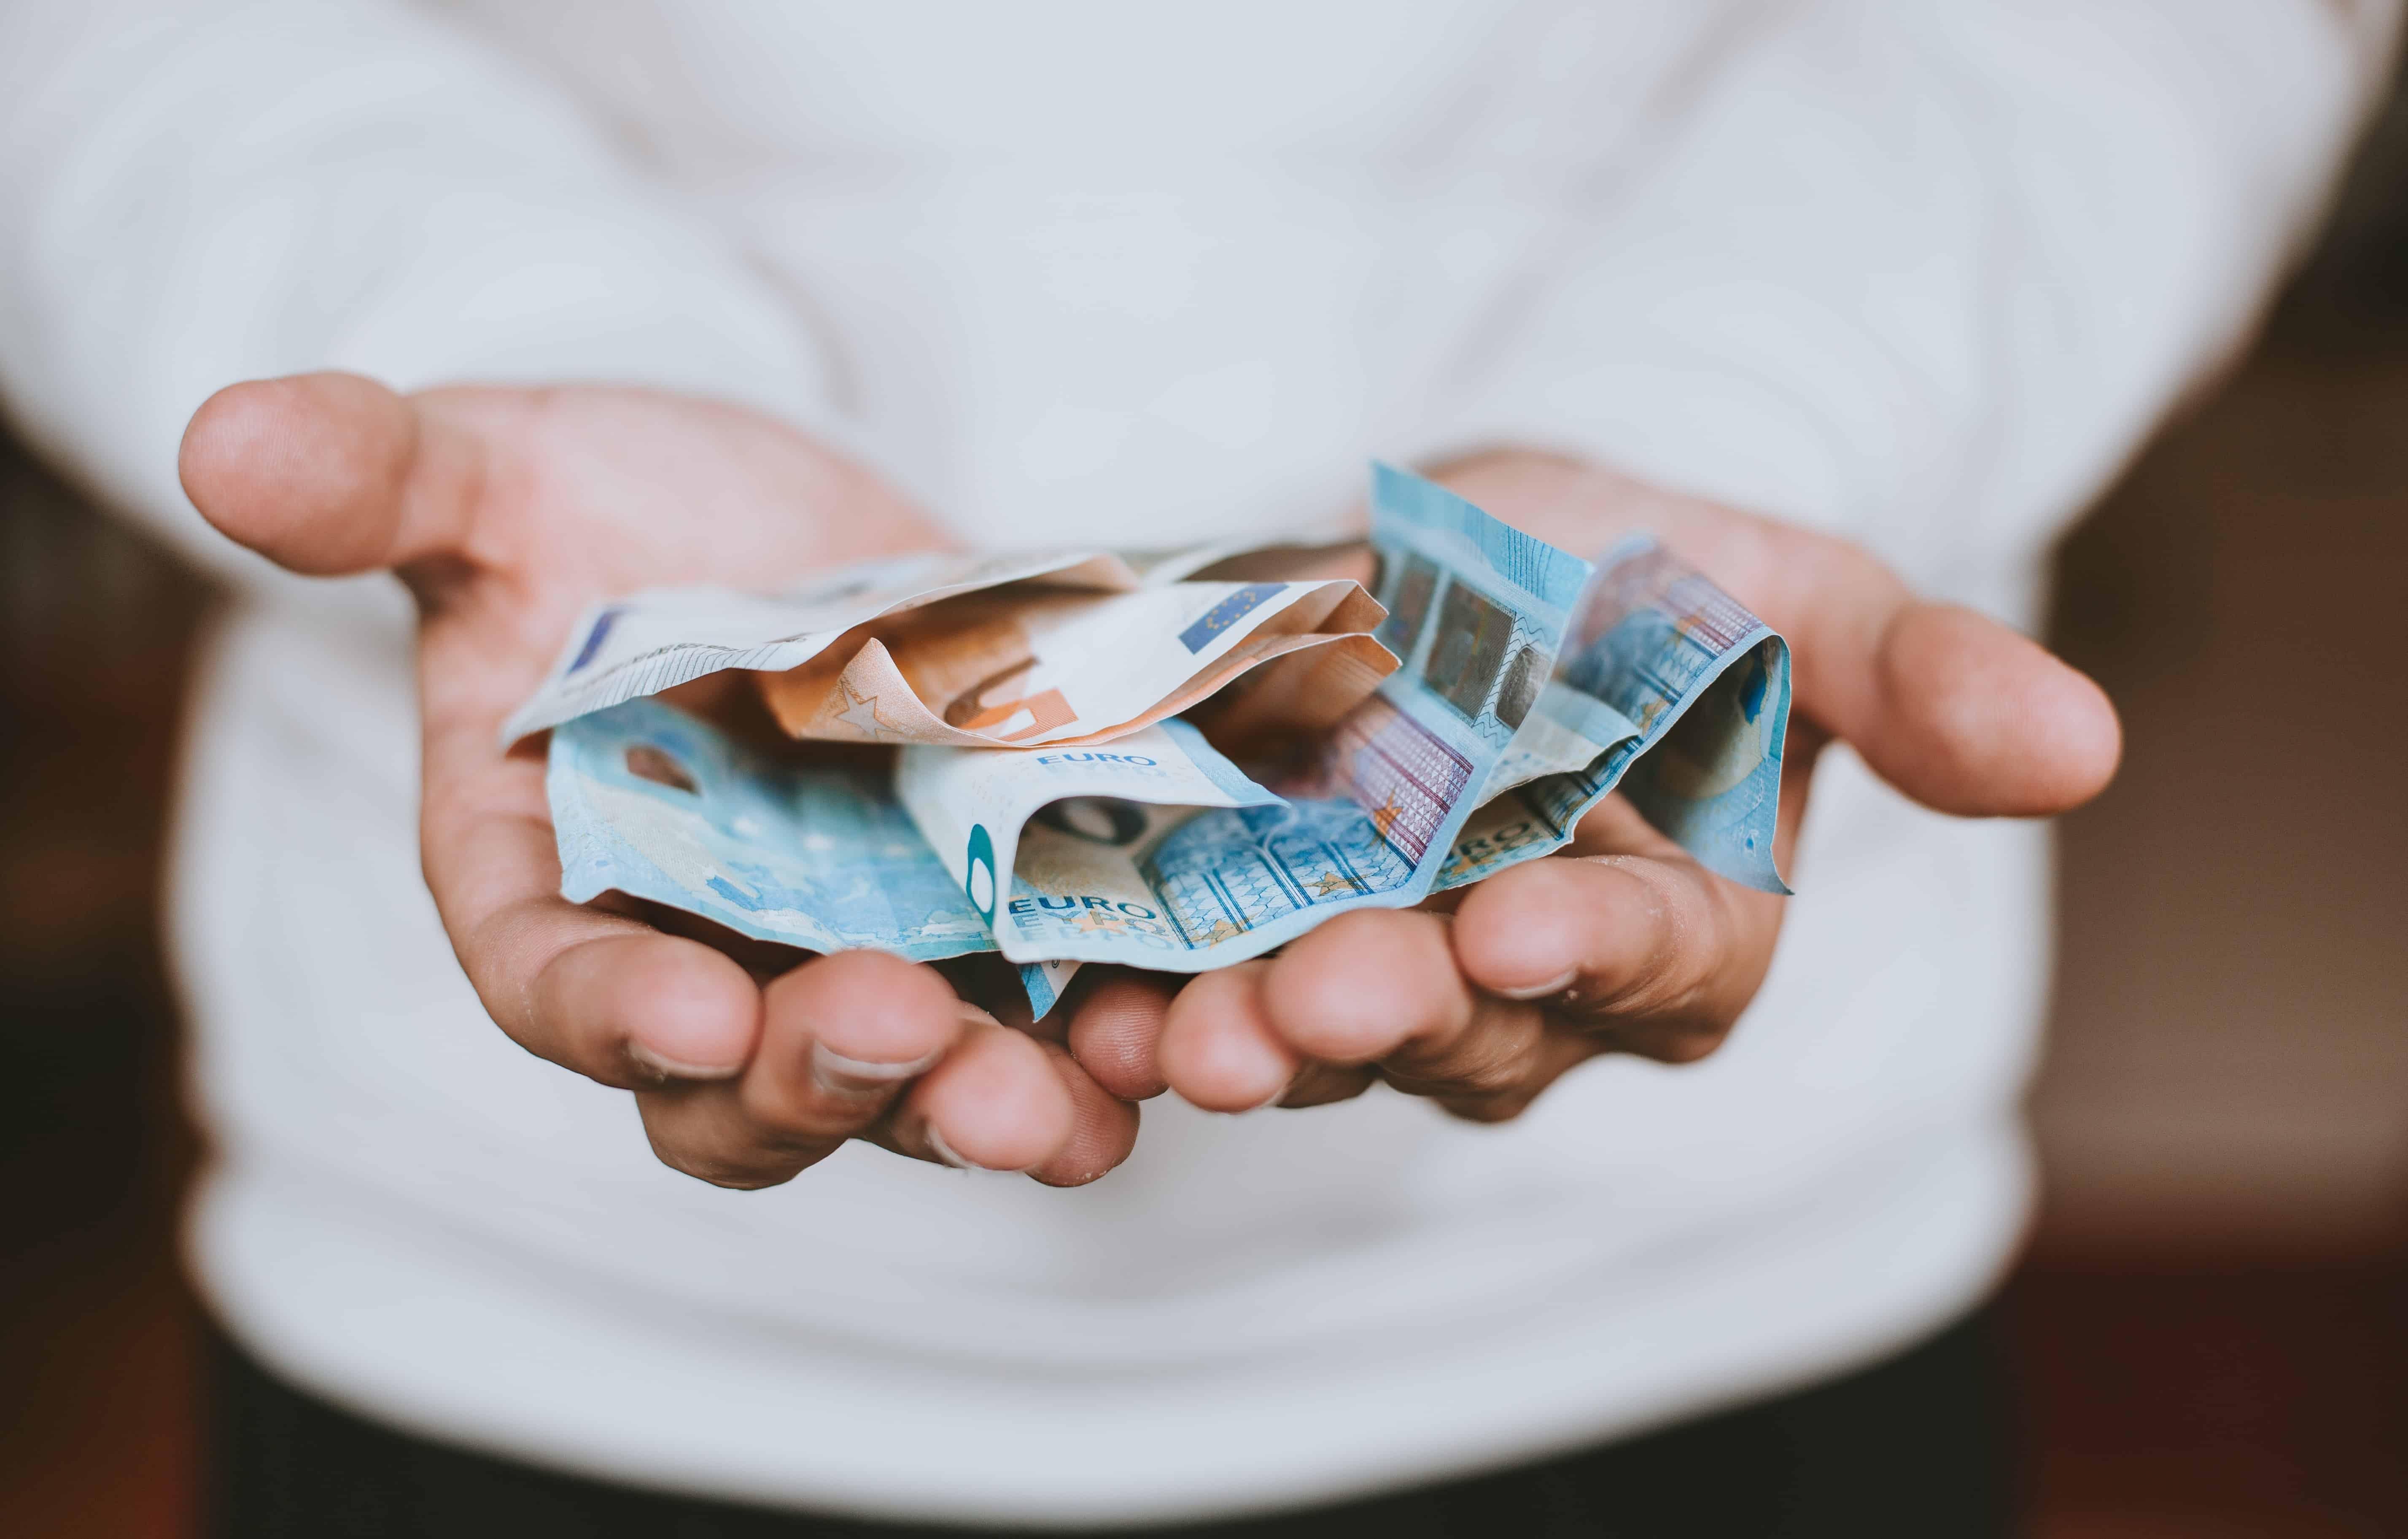 cum să faci bani și unde să lucrezi mai bine